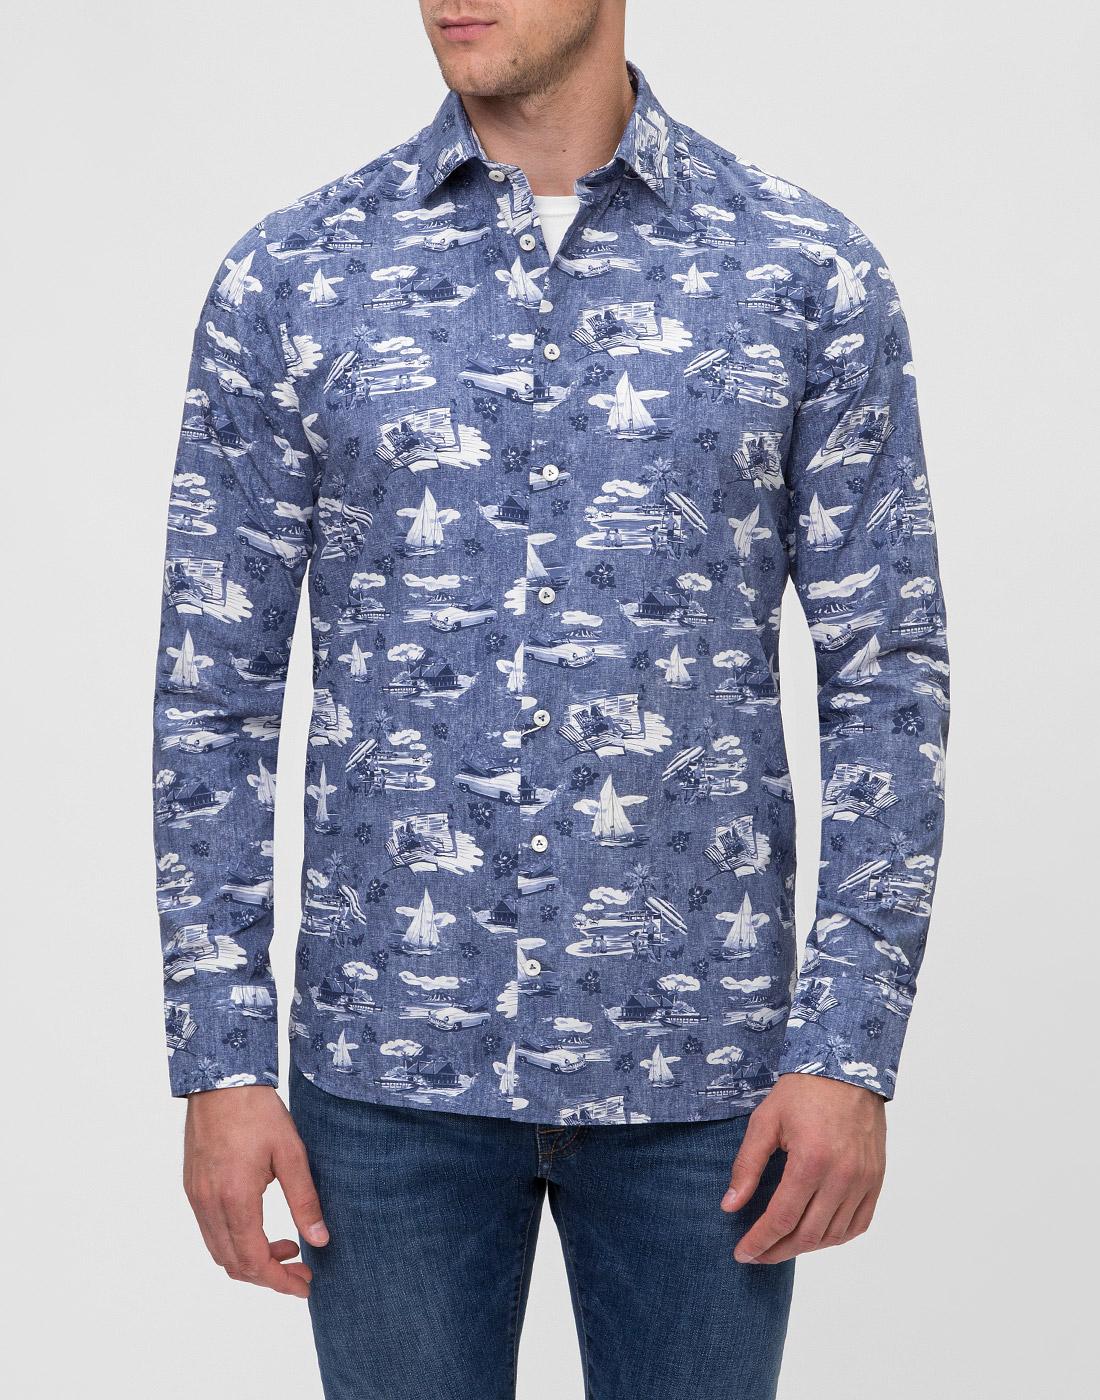 Мужская синяя рубашка с принтом Van Laack S170160/780-2